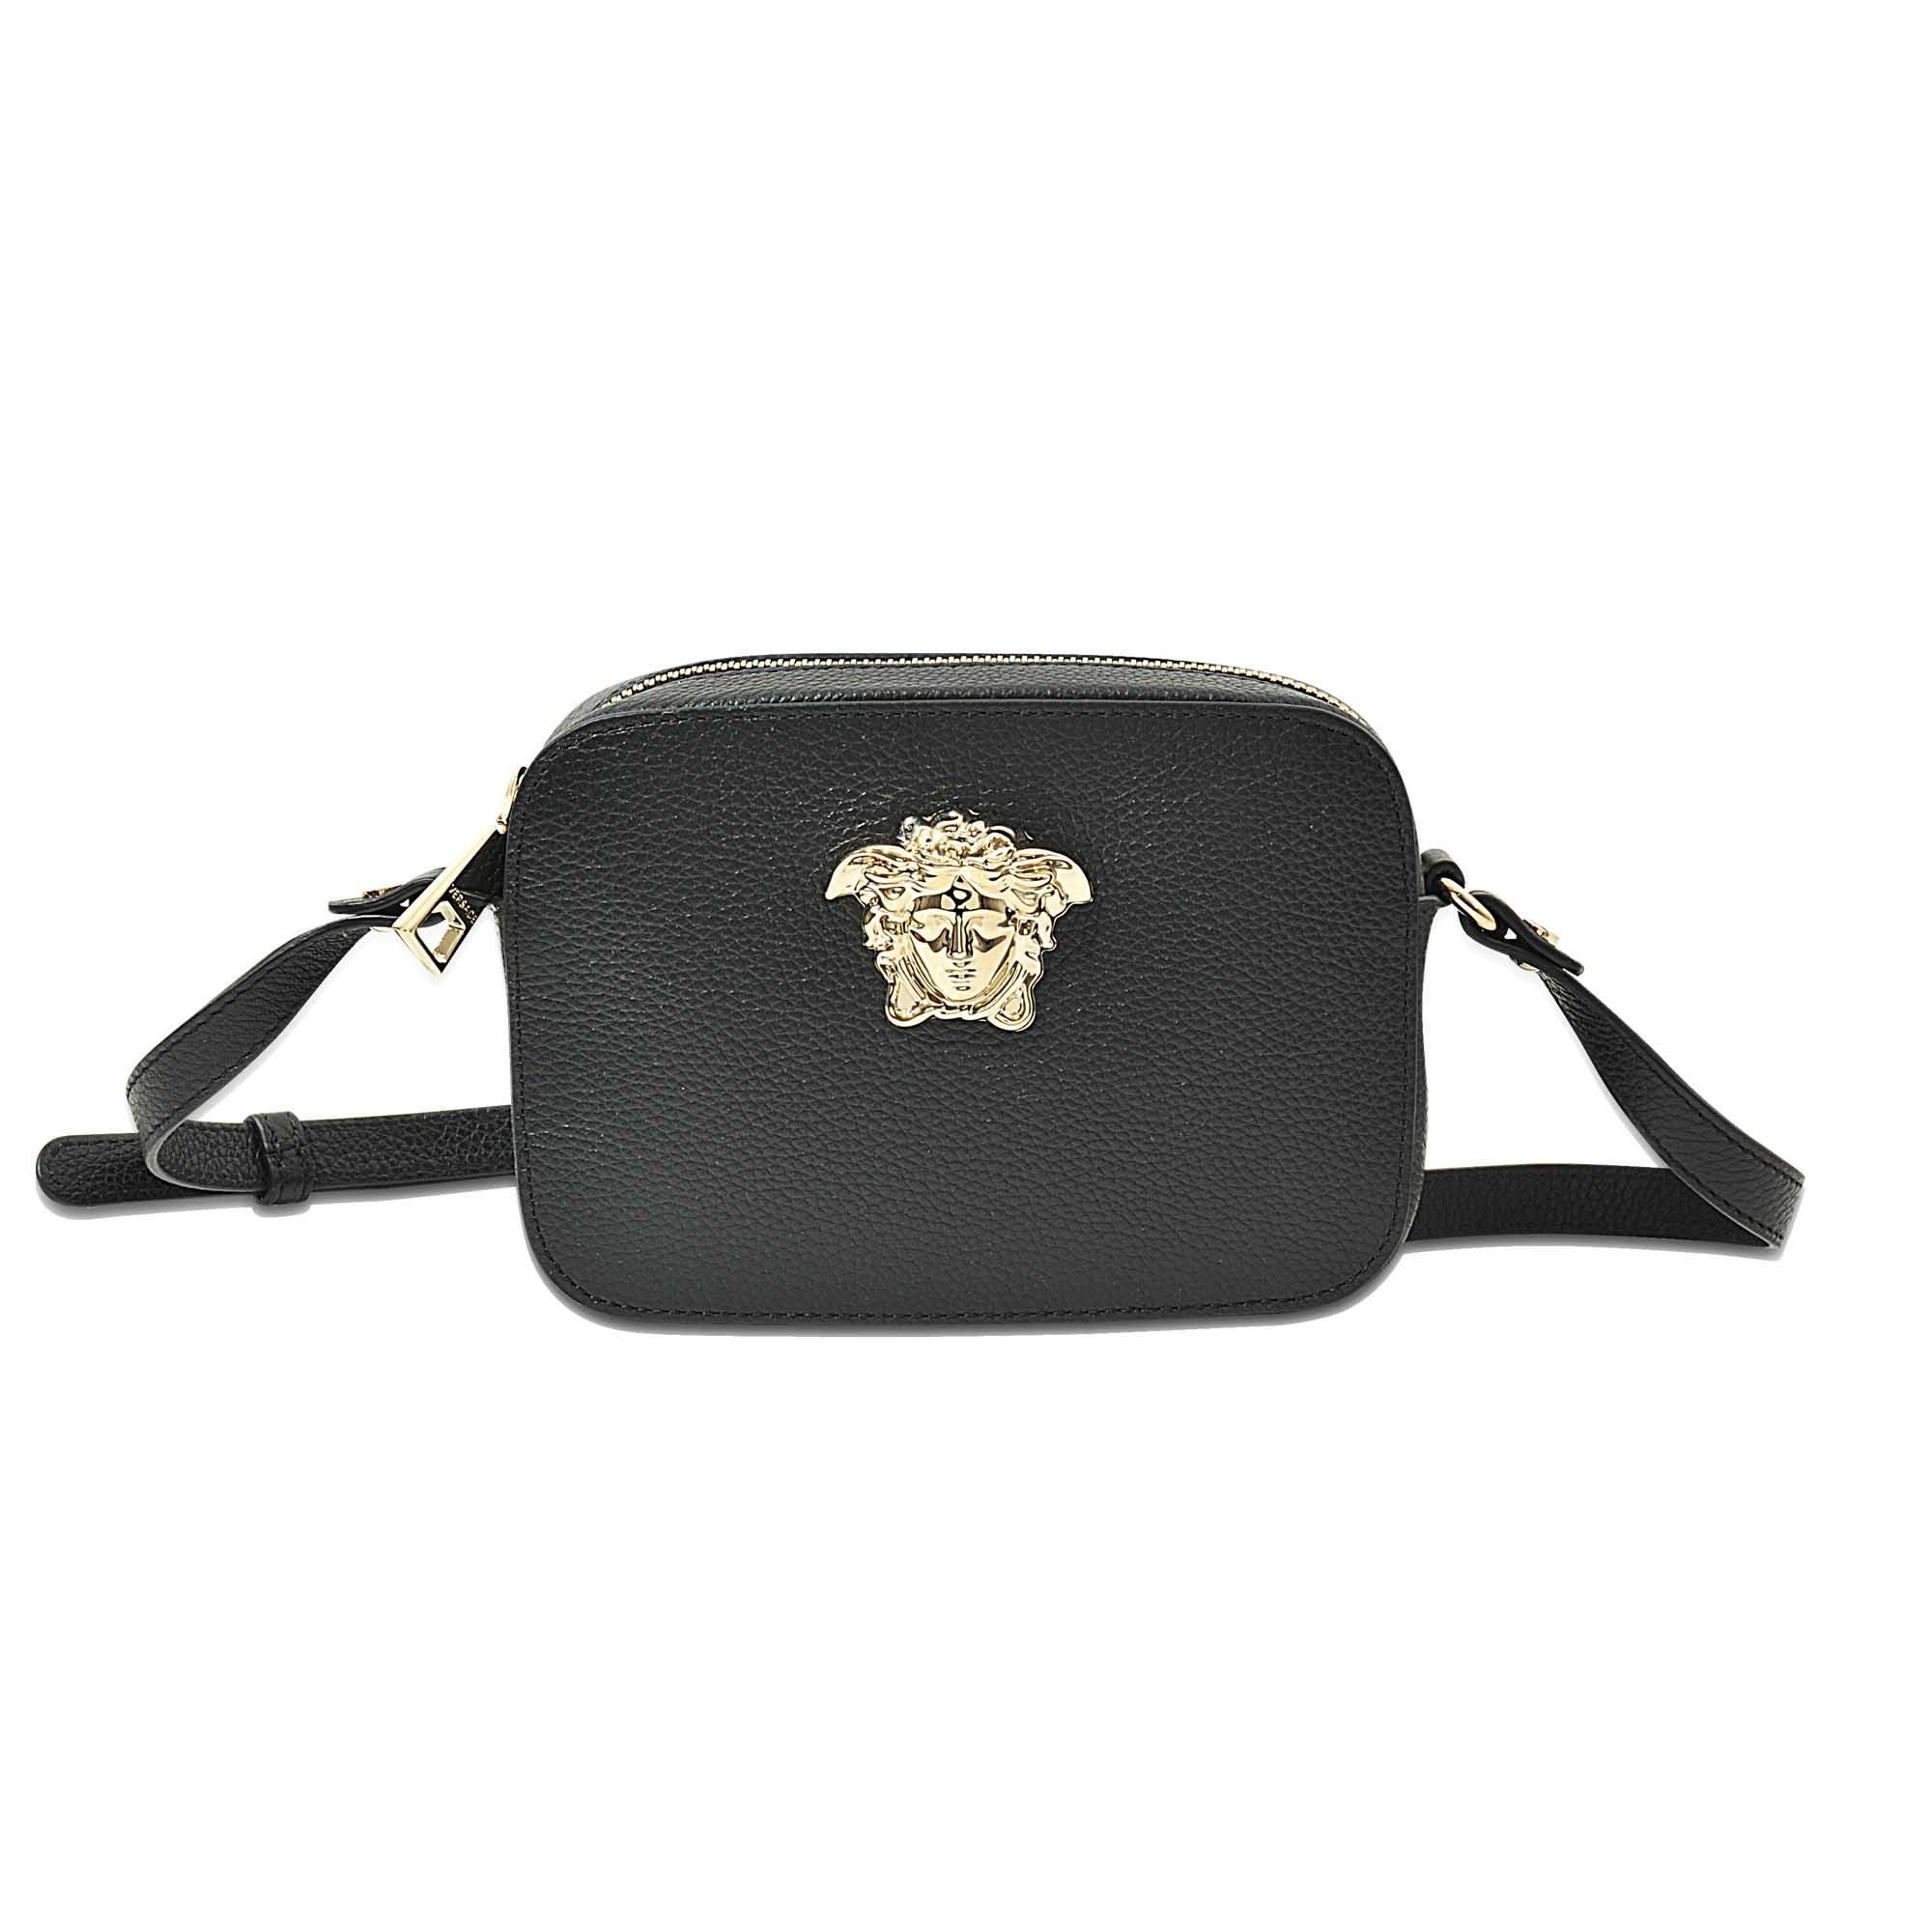 ... release date bb4b5 b9f11 Lyst - Versace palazzo Medusa Duffle Bag in  Black ... 3fc7a4a6e02e3